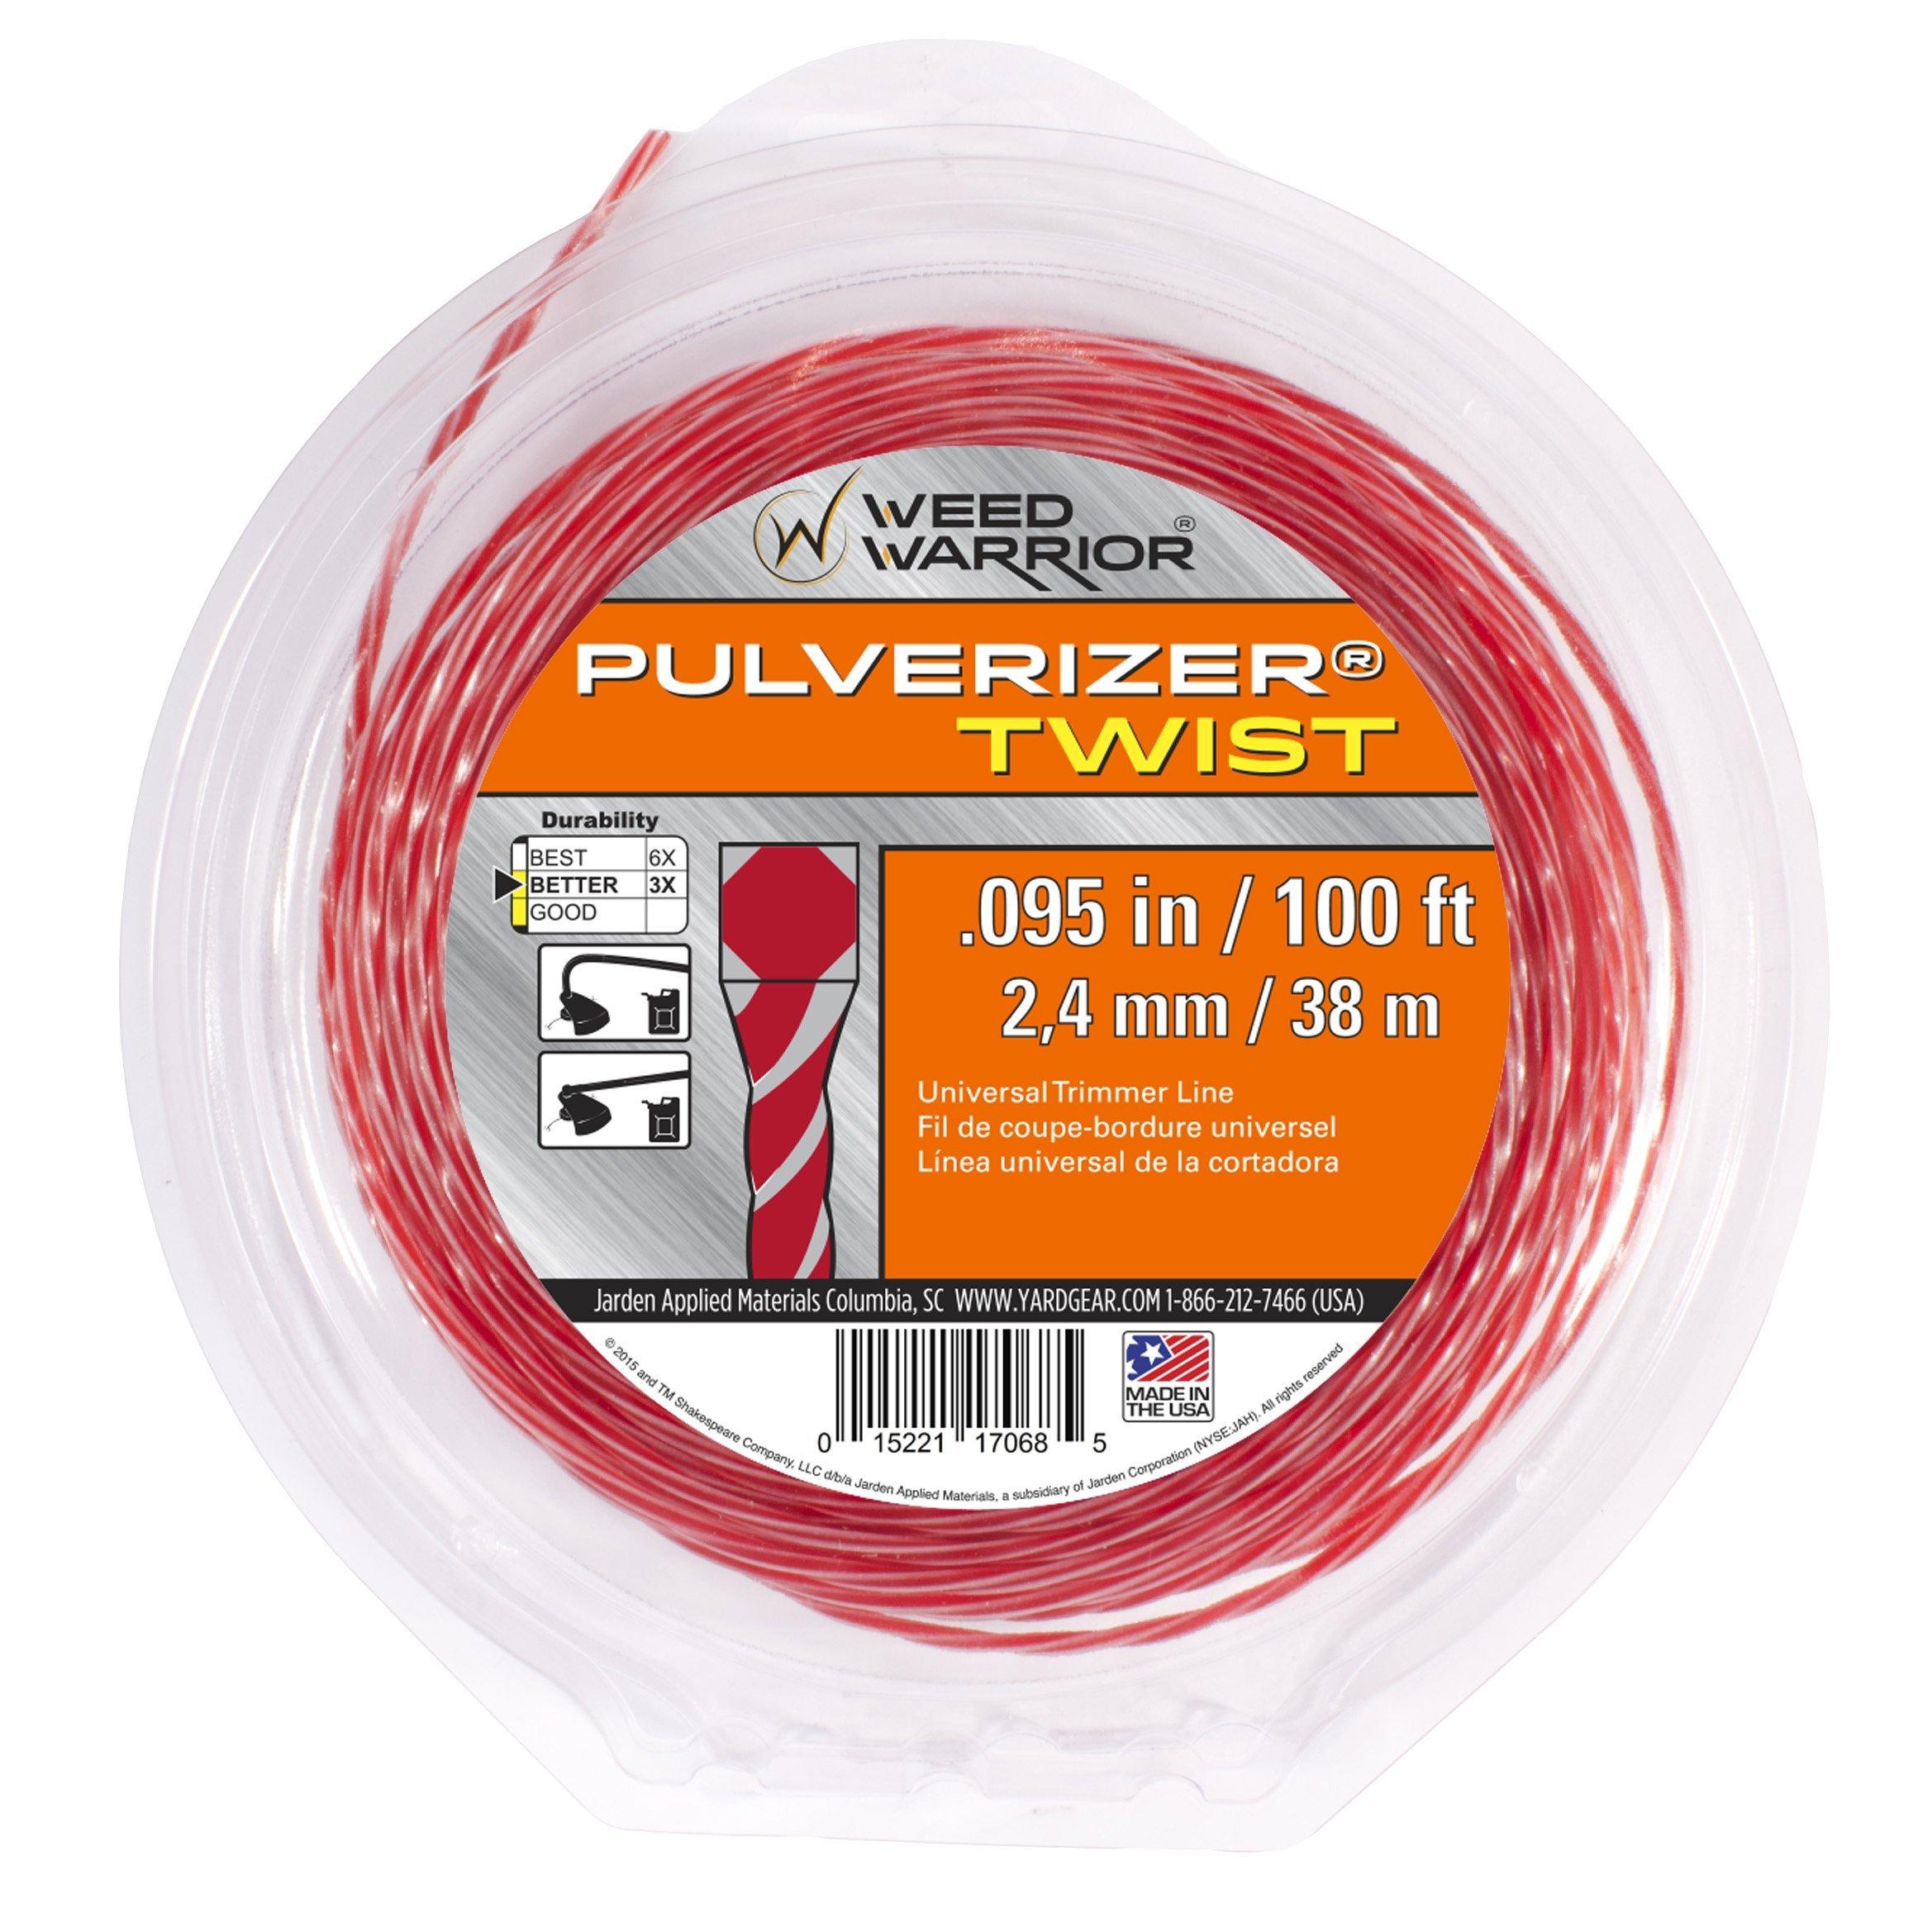 Weed Warrior 17068 Pulverizer Bi Component